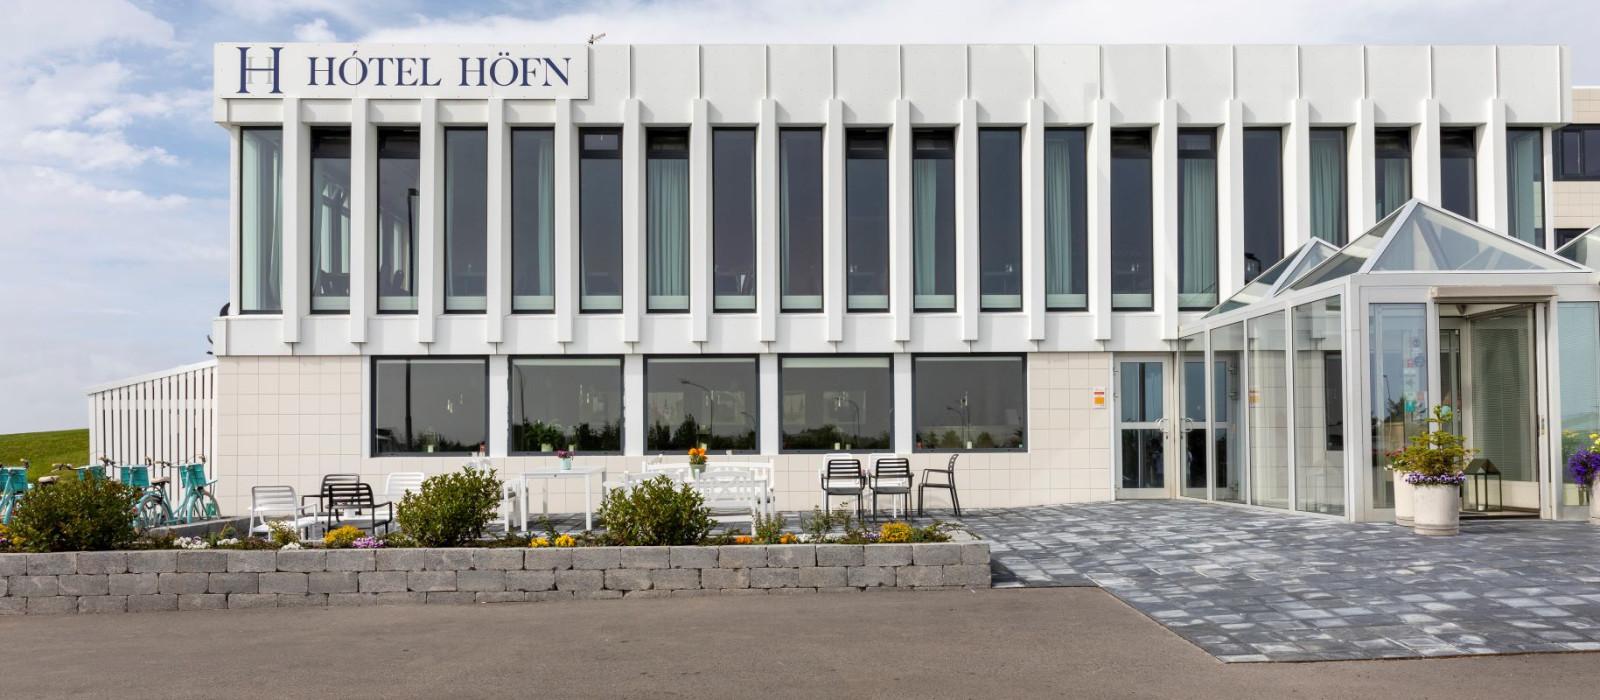 Hotel  Hofn Iceland